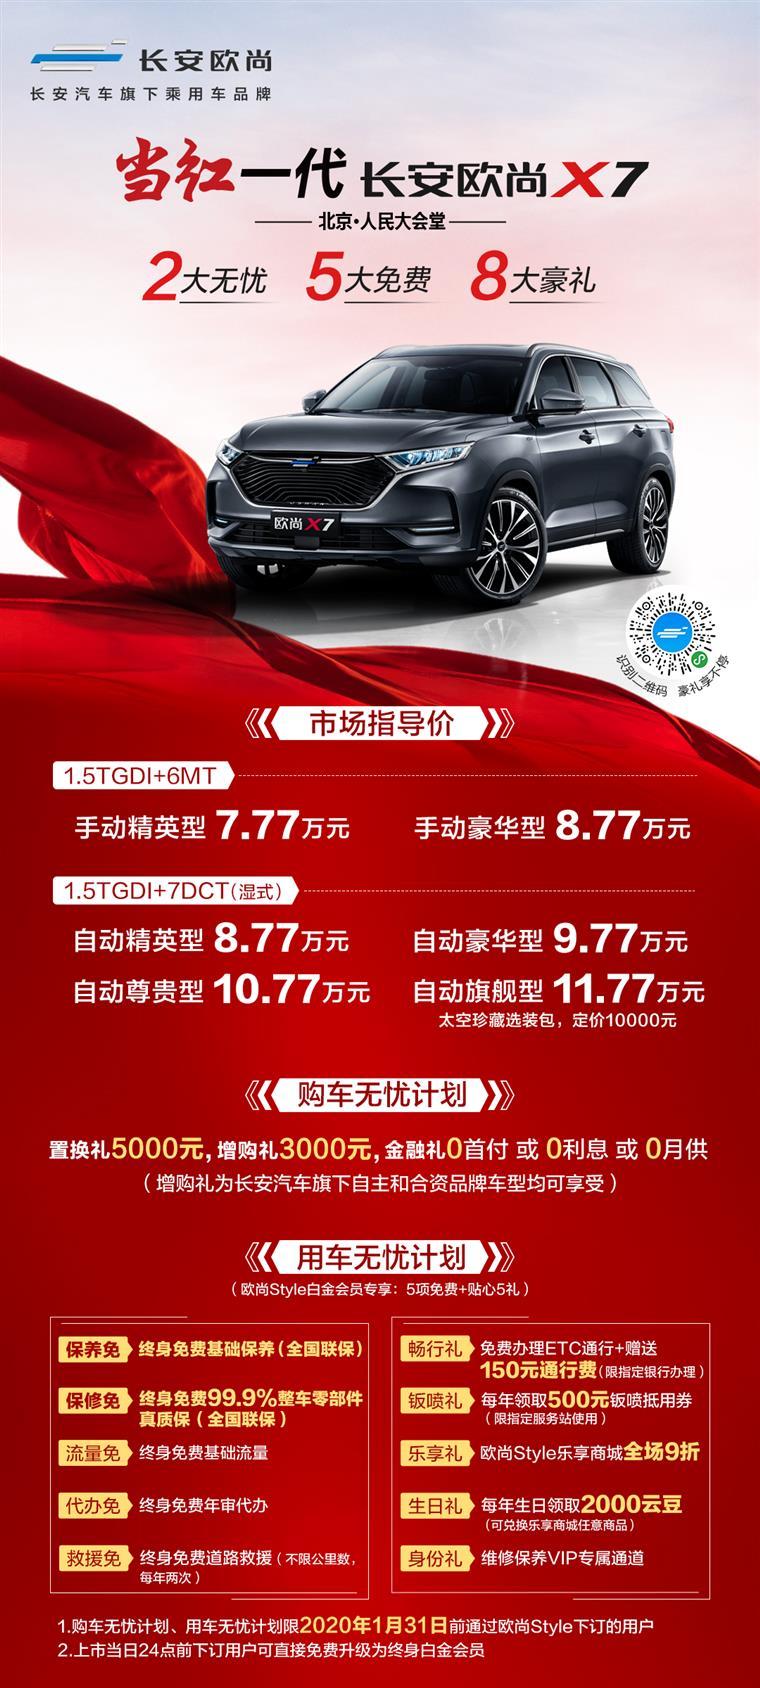 11.77万元!长安欧尚X7正式上市